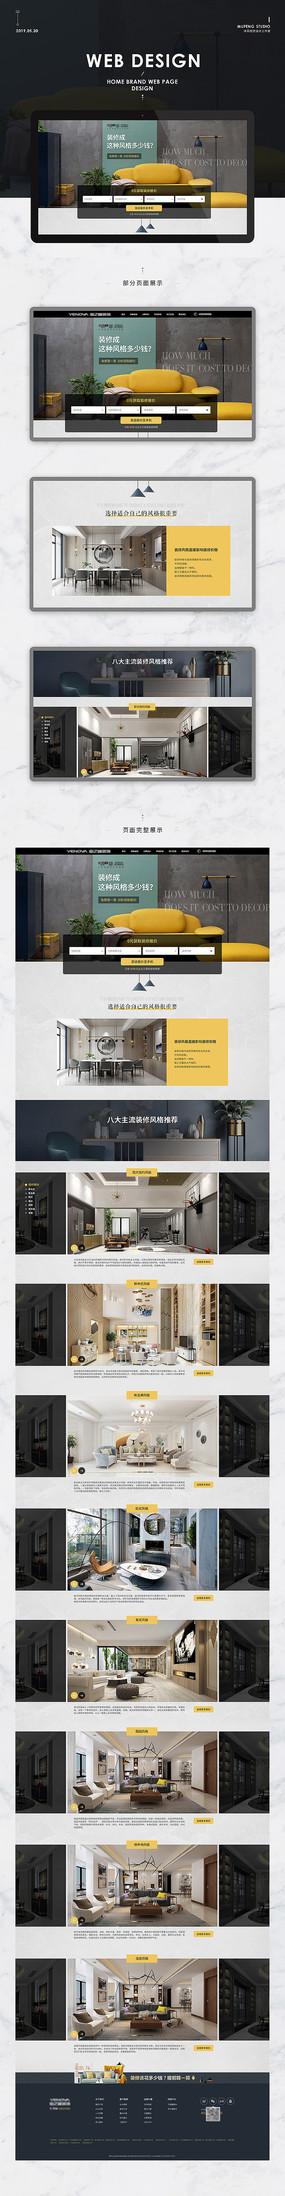 装修公司家居网页设计